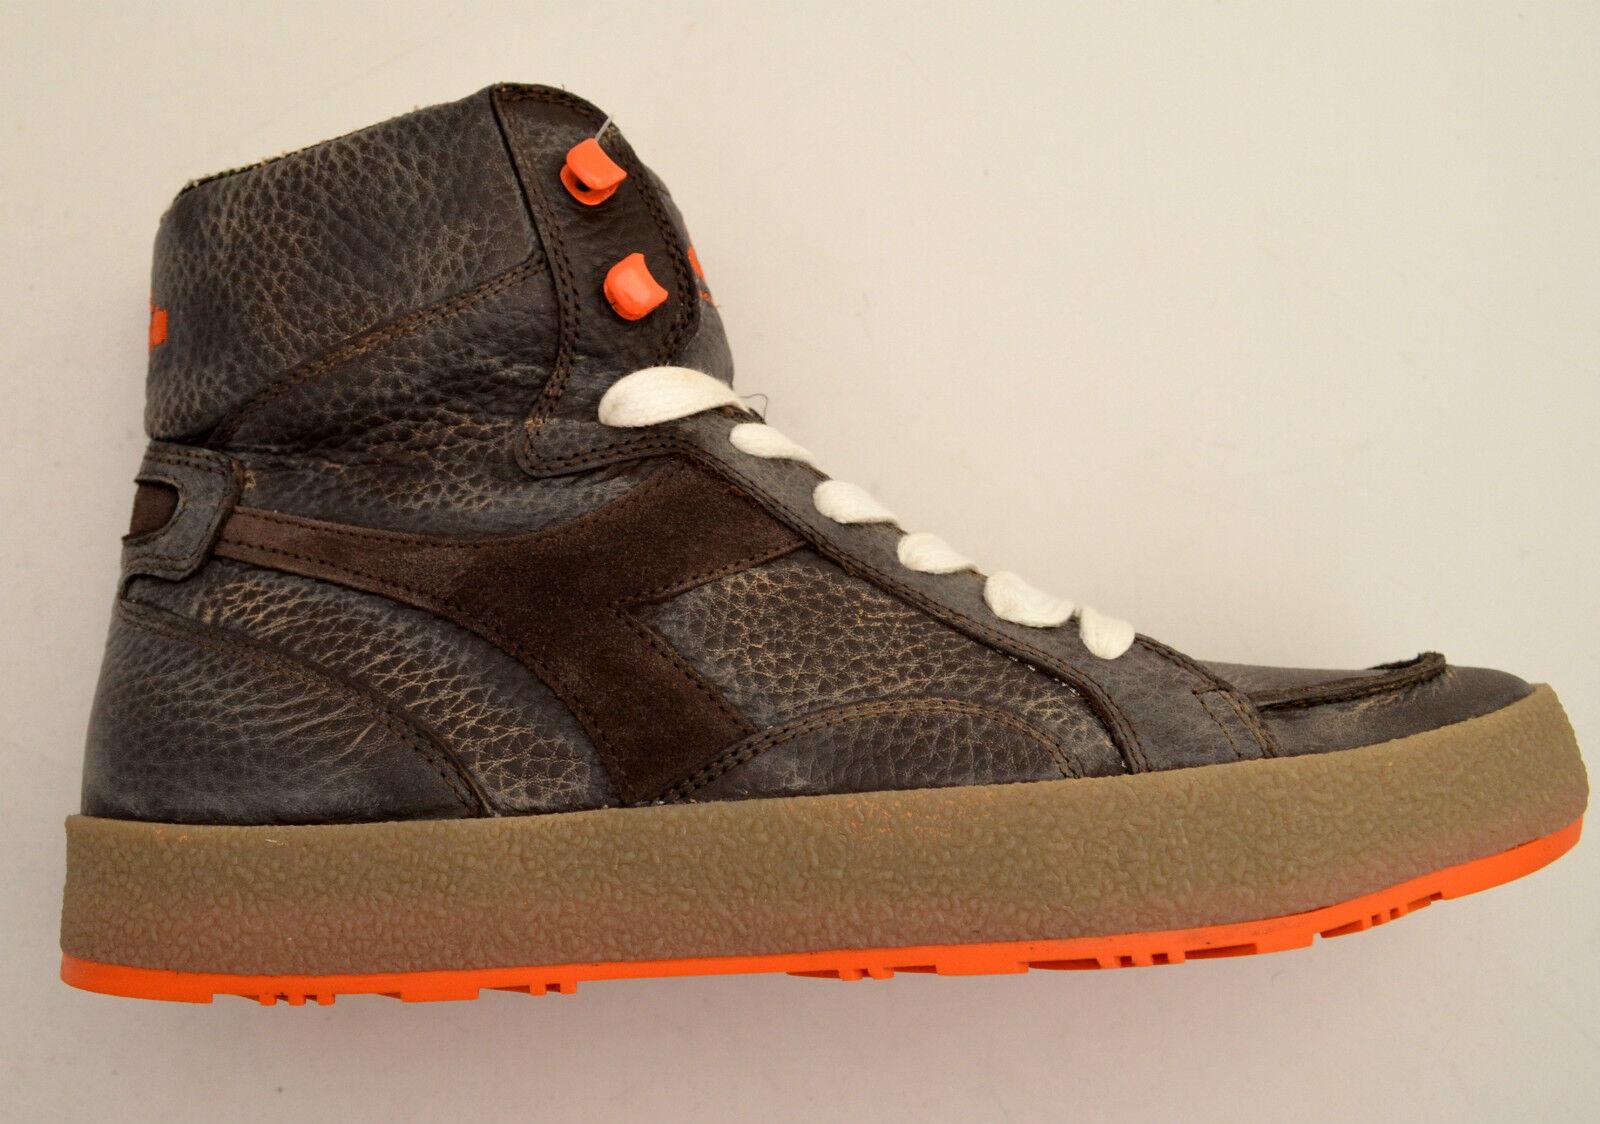 Diadora heritage Schuhe Turnschuhe Haut vintage Frau Frau Frau Frauen Herren 158919 BAK  027156